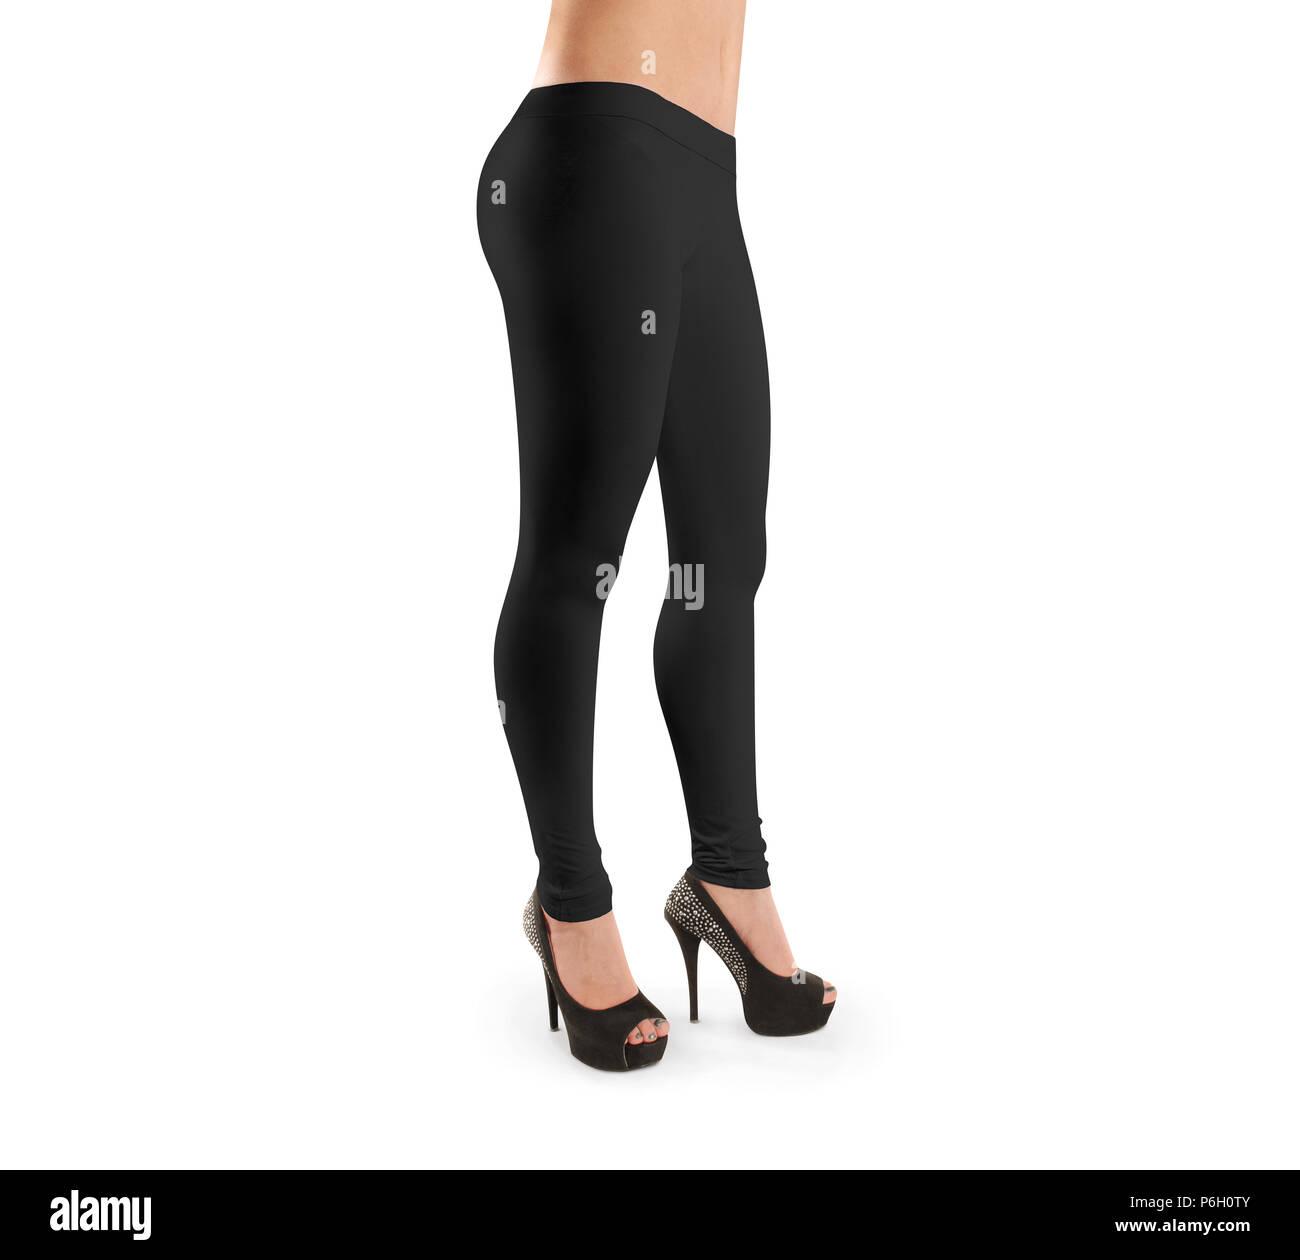 Women wearing black nylons-5959